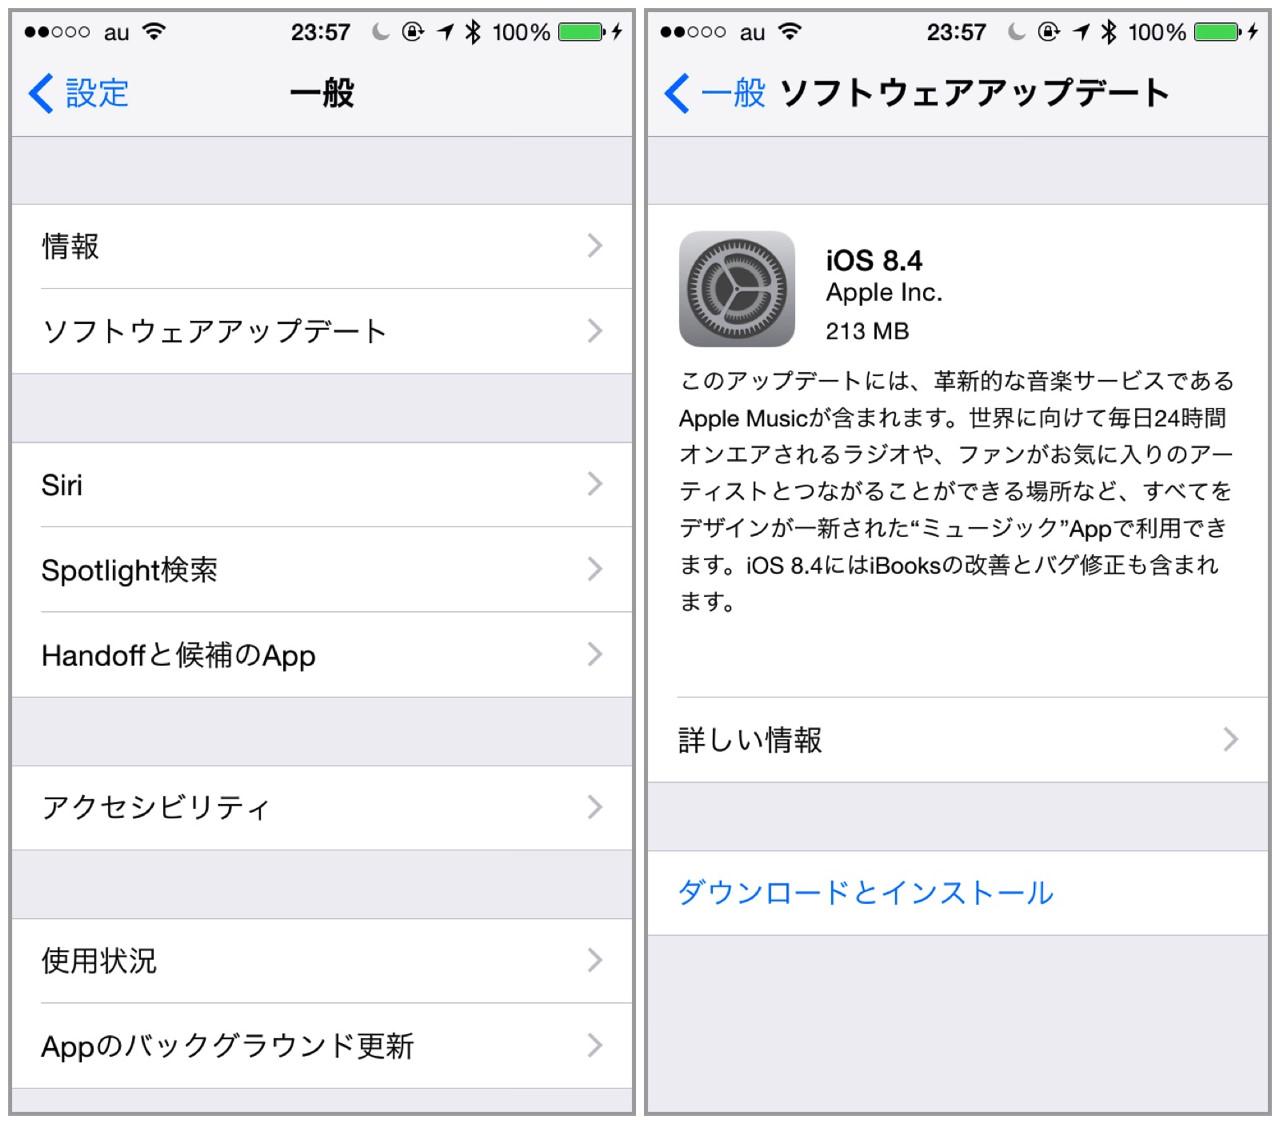 Apple Music を含んだiOS 8.4 がリリースされた